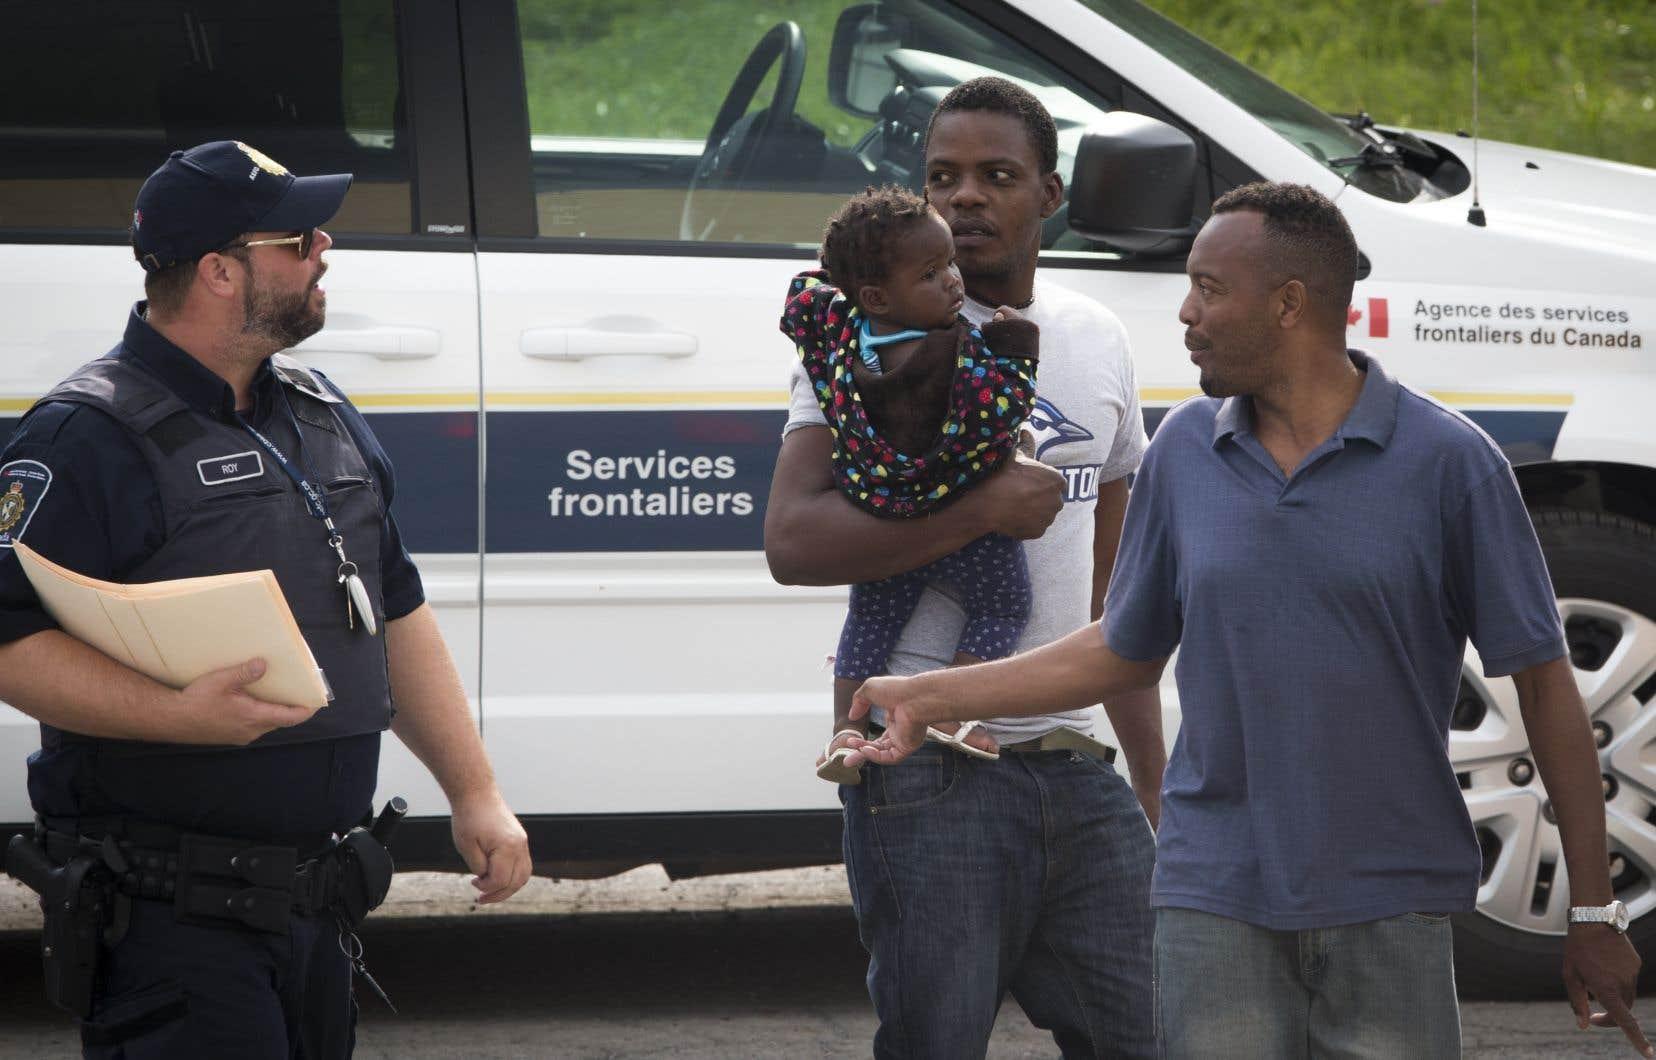 En 2017, 25000 personnes ont franchi la frontière entre les États-Unis et le Québec de façon irrégulière.